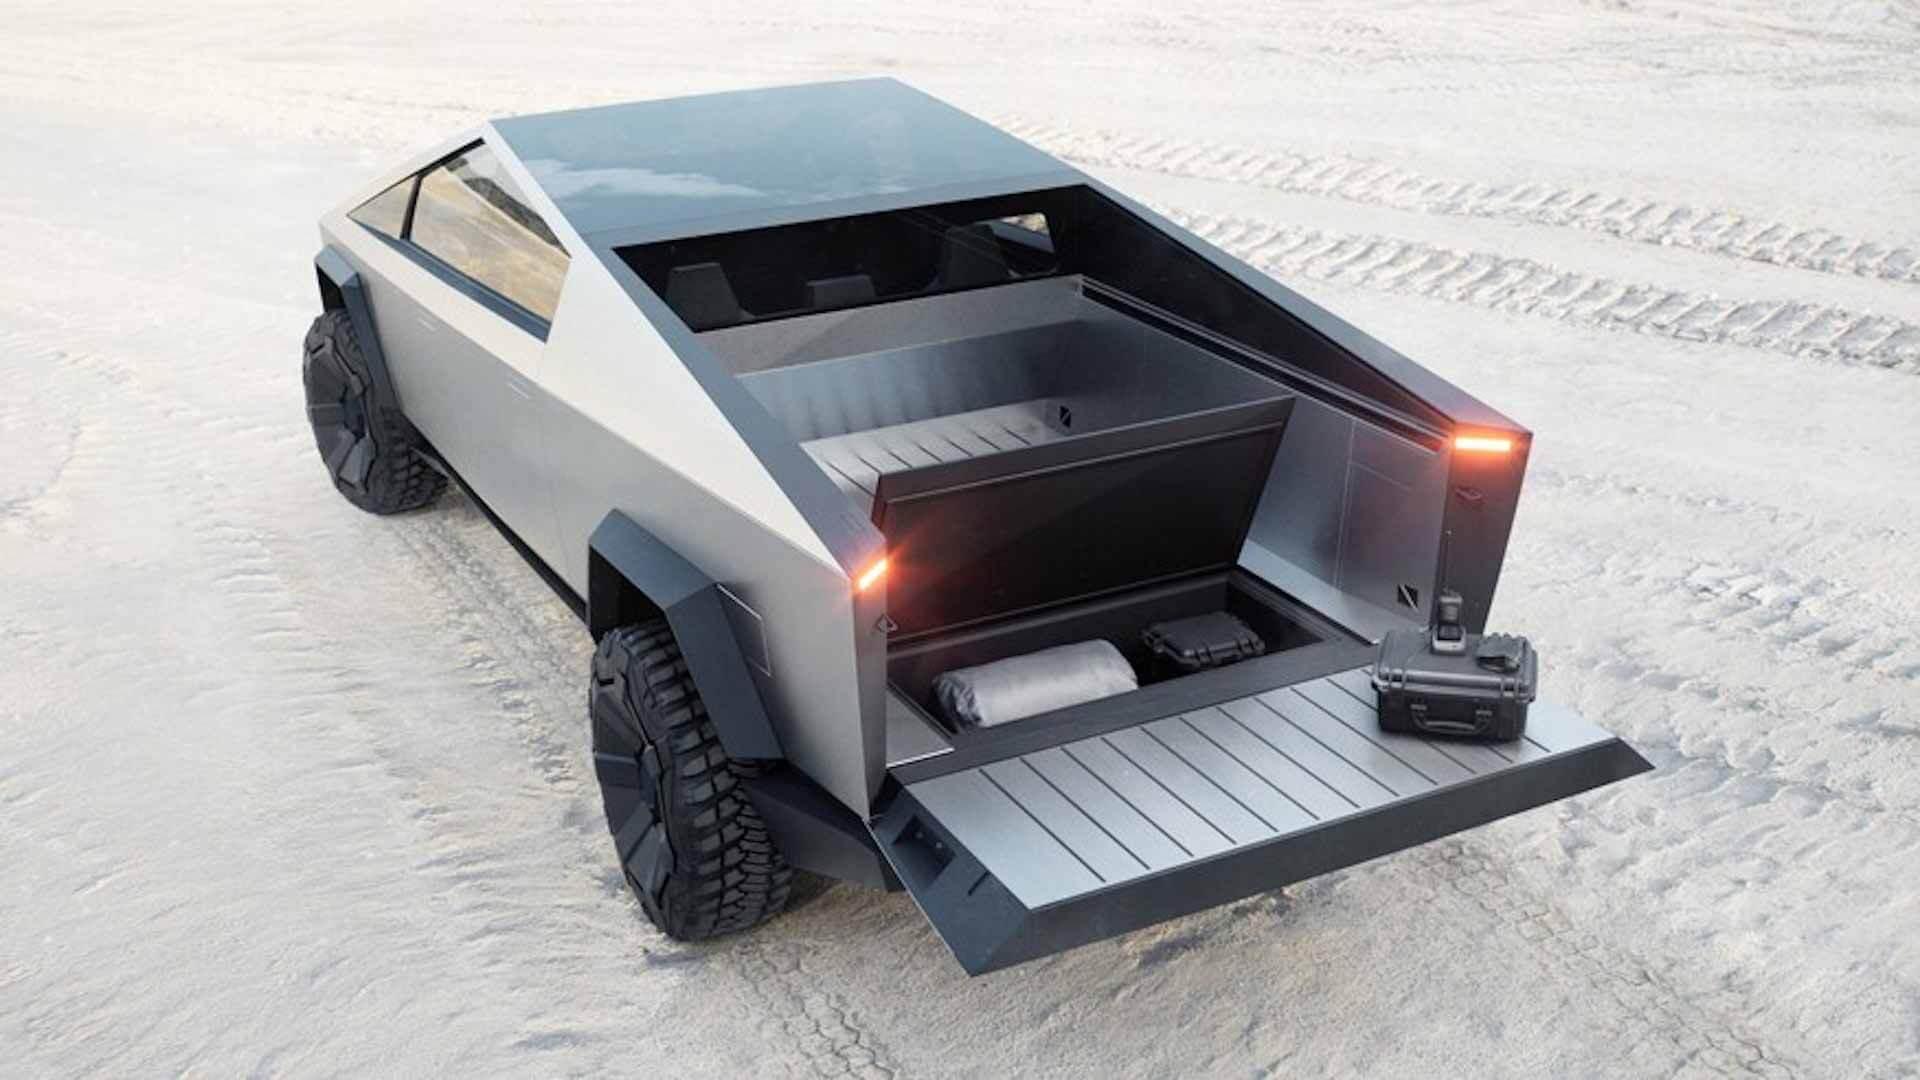 Элон Маск из Tesla рассматривает возможность настройки Cybertruck для увеличения грузового пространства